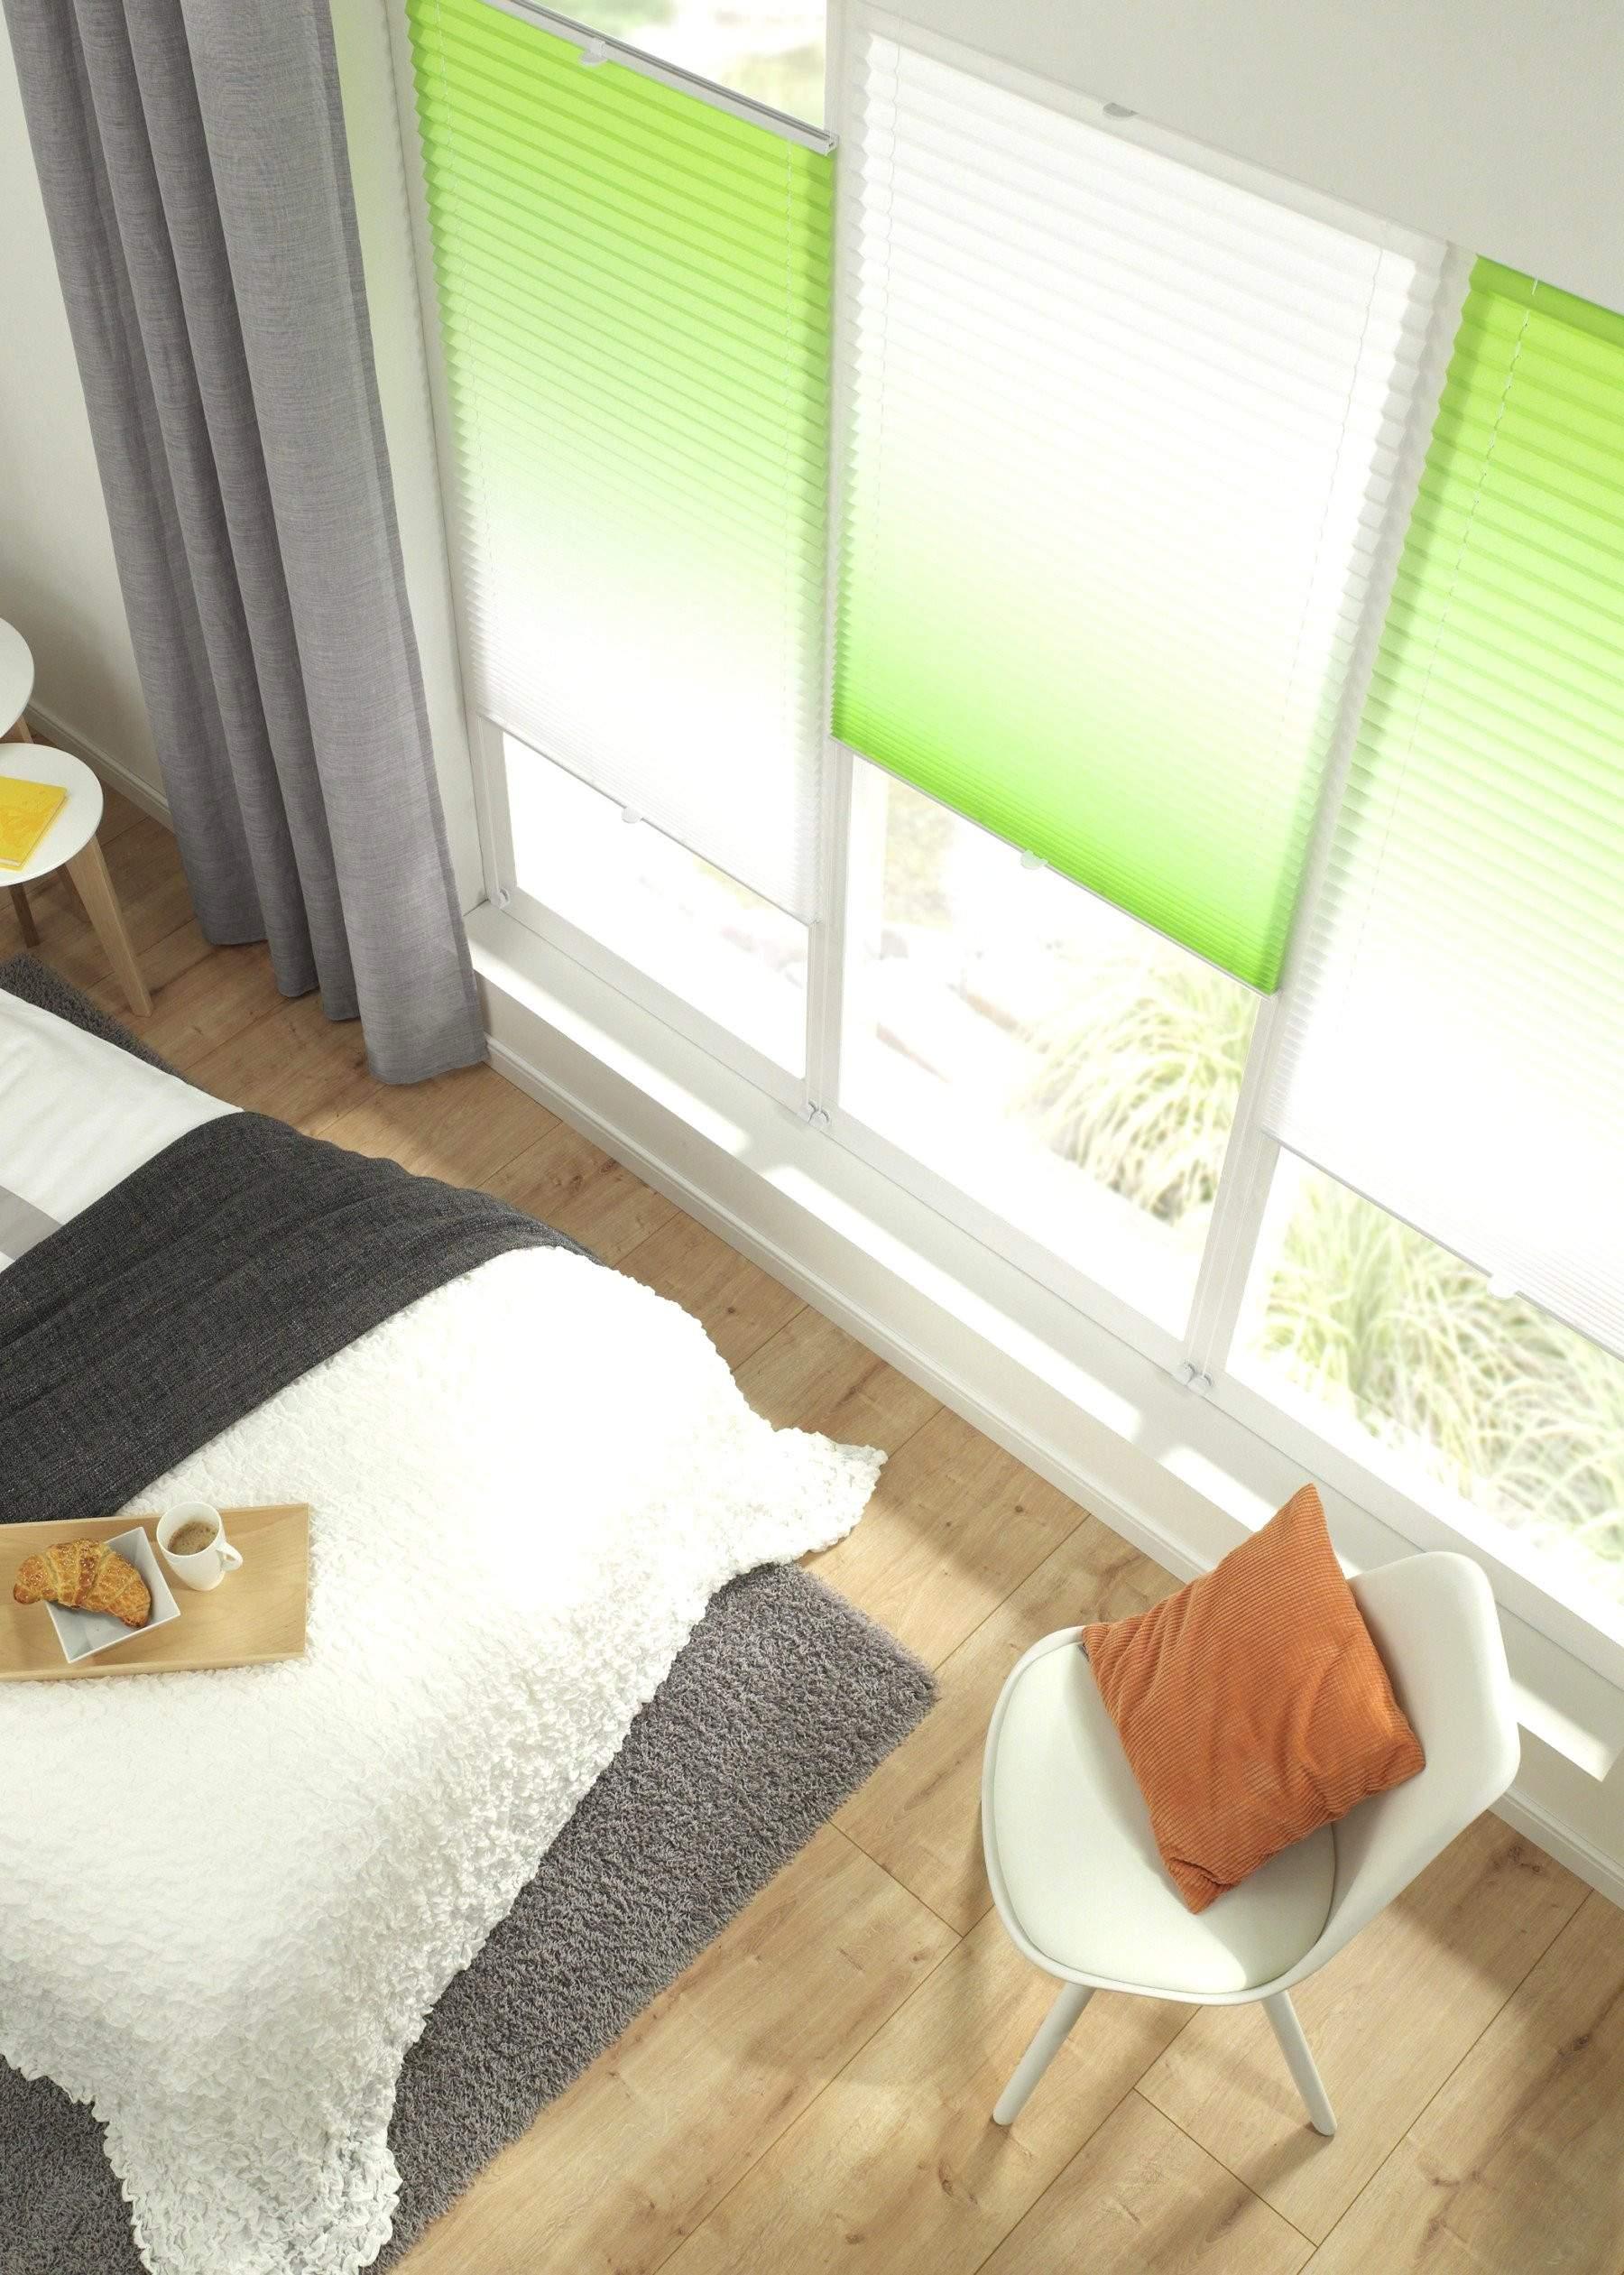 ideen wohnzimmer genial wohnzimmer fenster gardinen neu plissee wohnzimmer 0d design of ideen wohnzimmer